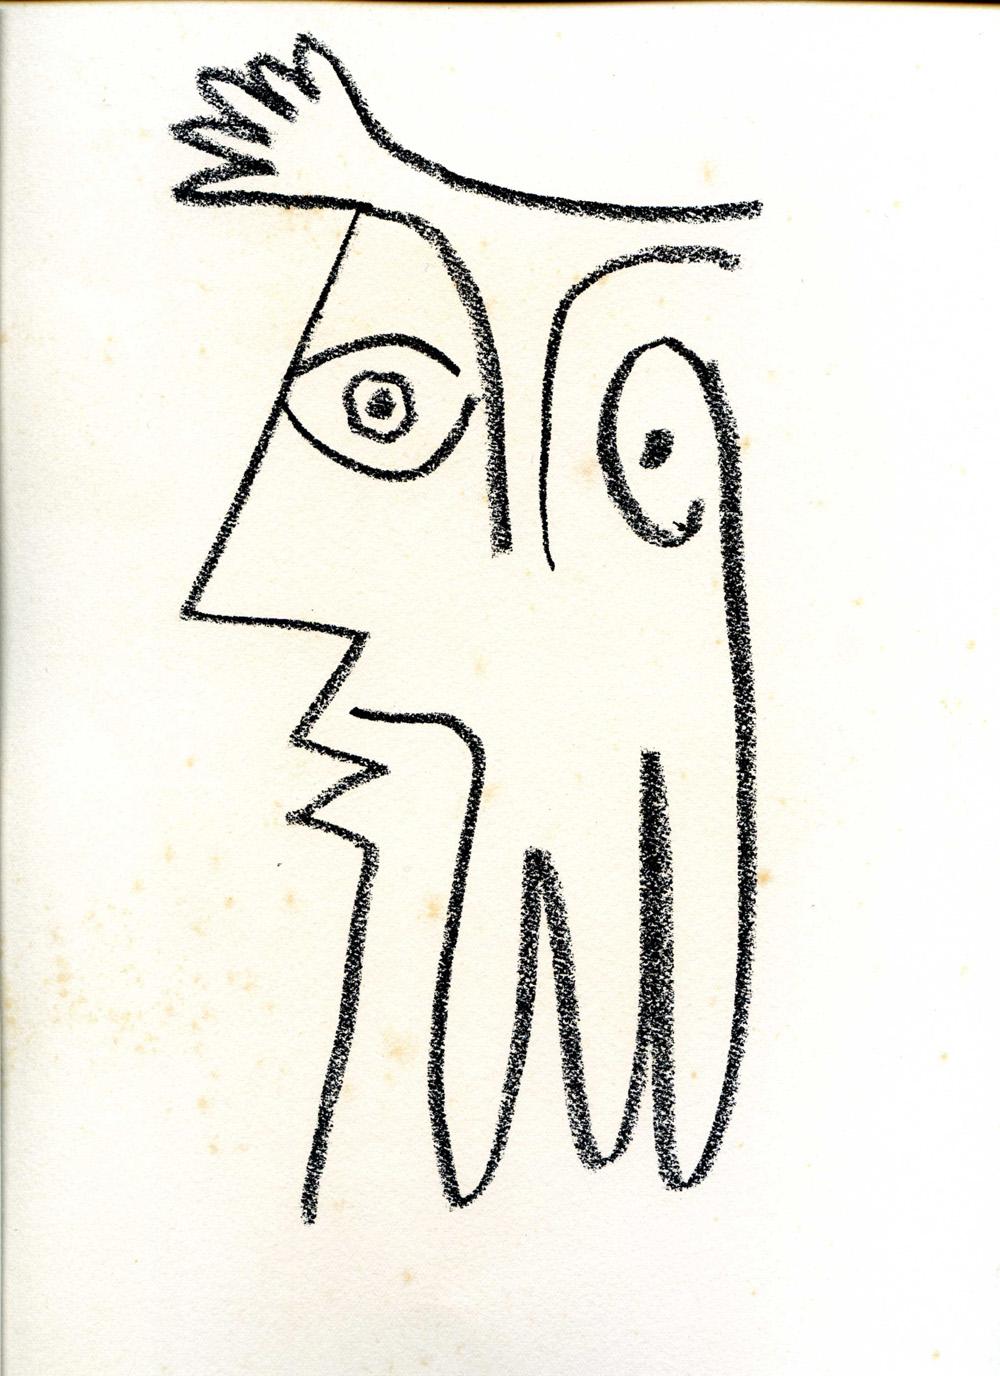 Picasso, capolavori incisori e litografici in mostra